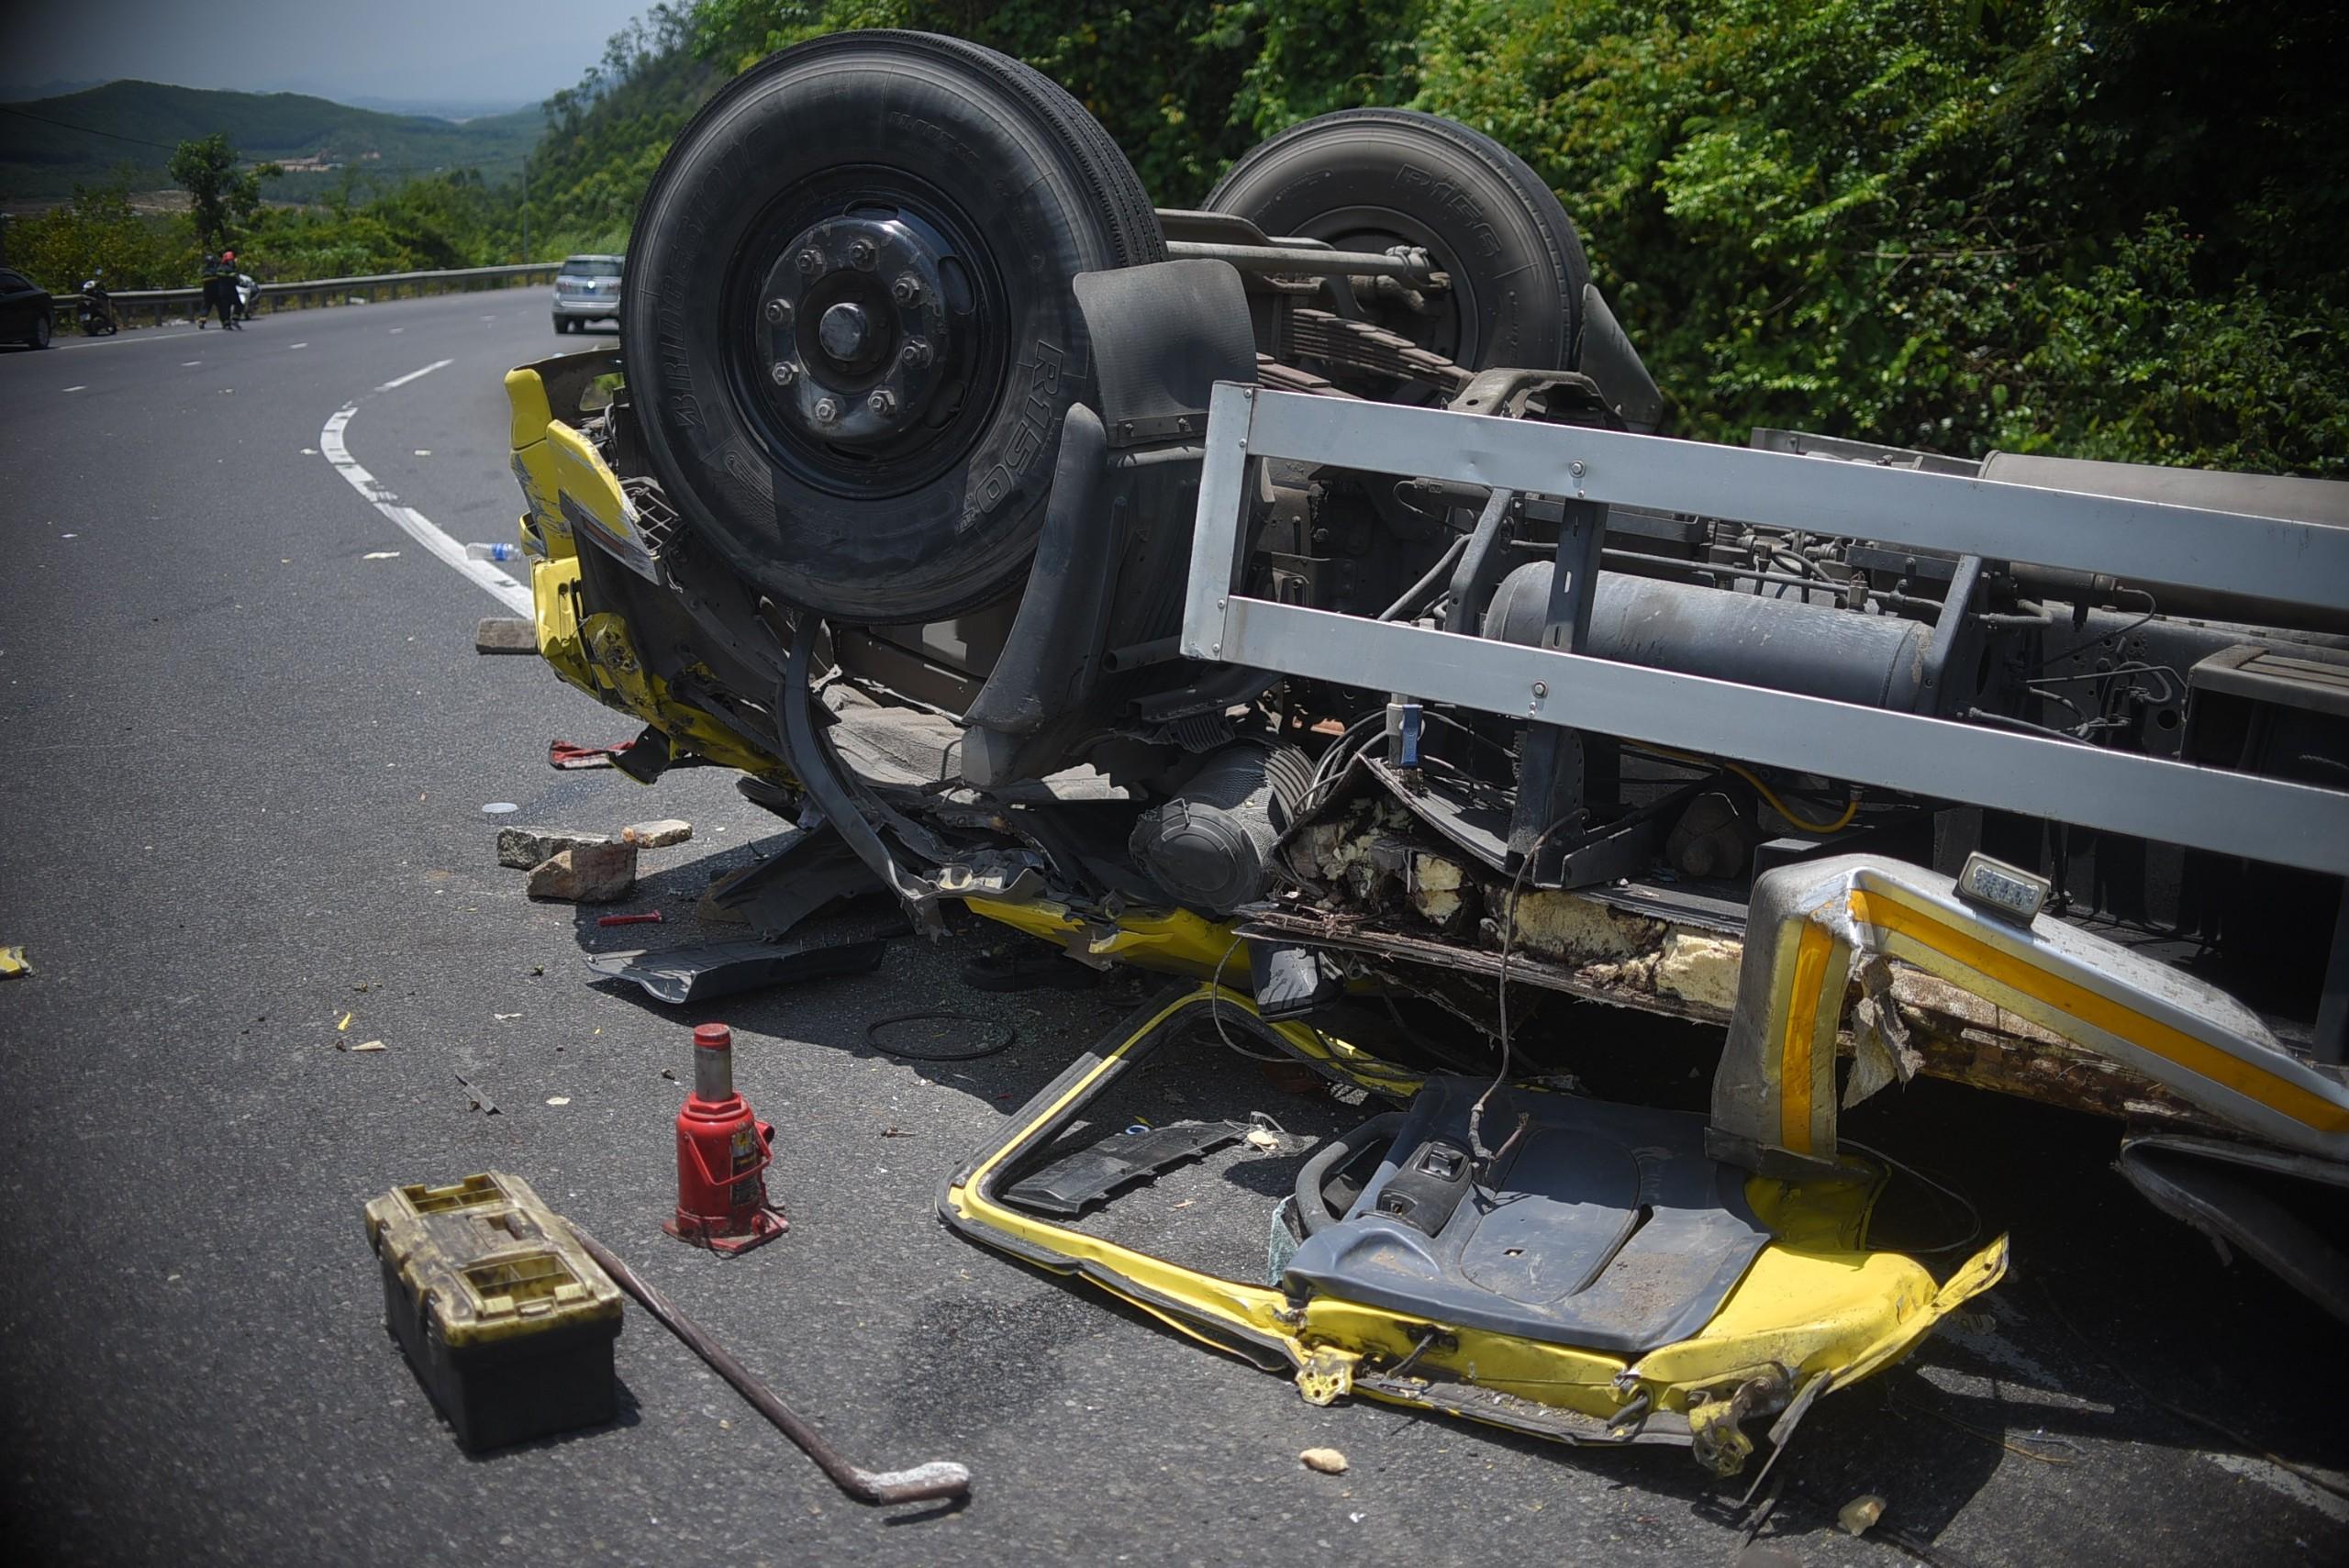 Cận cảnh tan hoang hiện trường vụ tai nạn khiến 2 người chết - Ảnh 4.